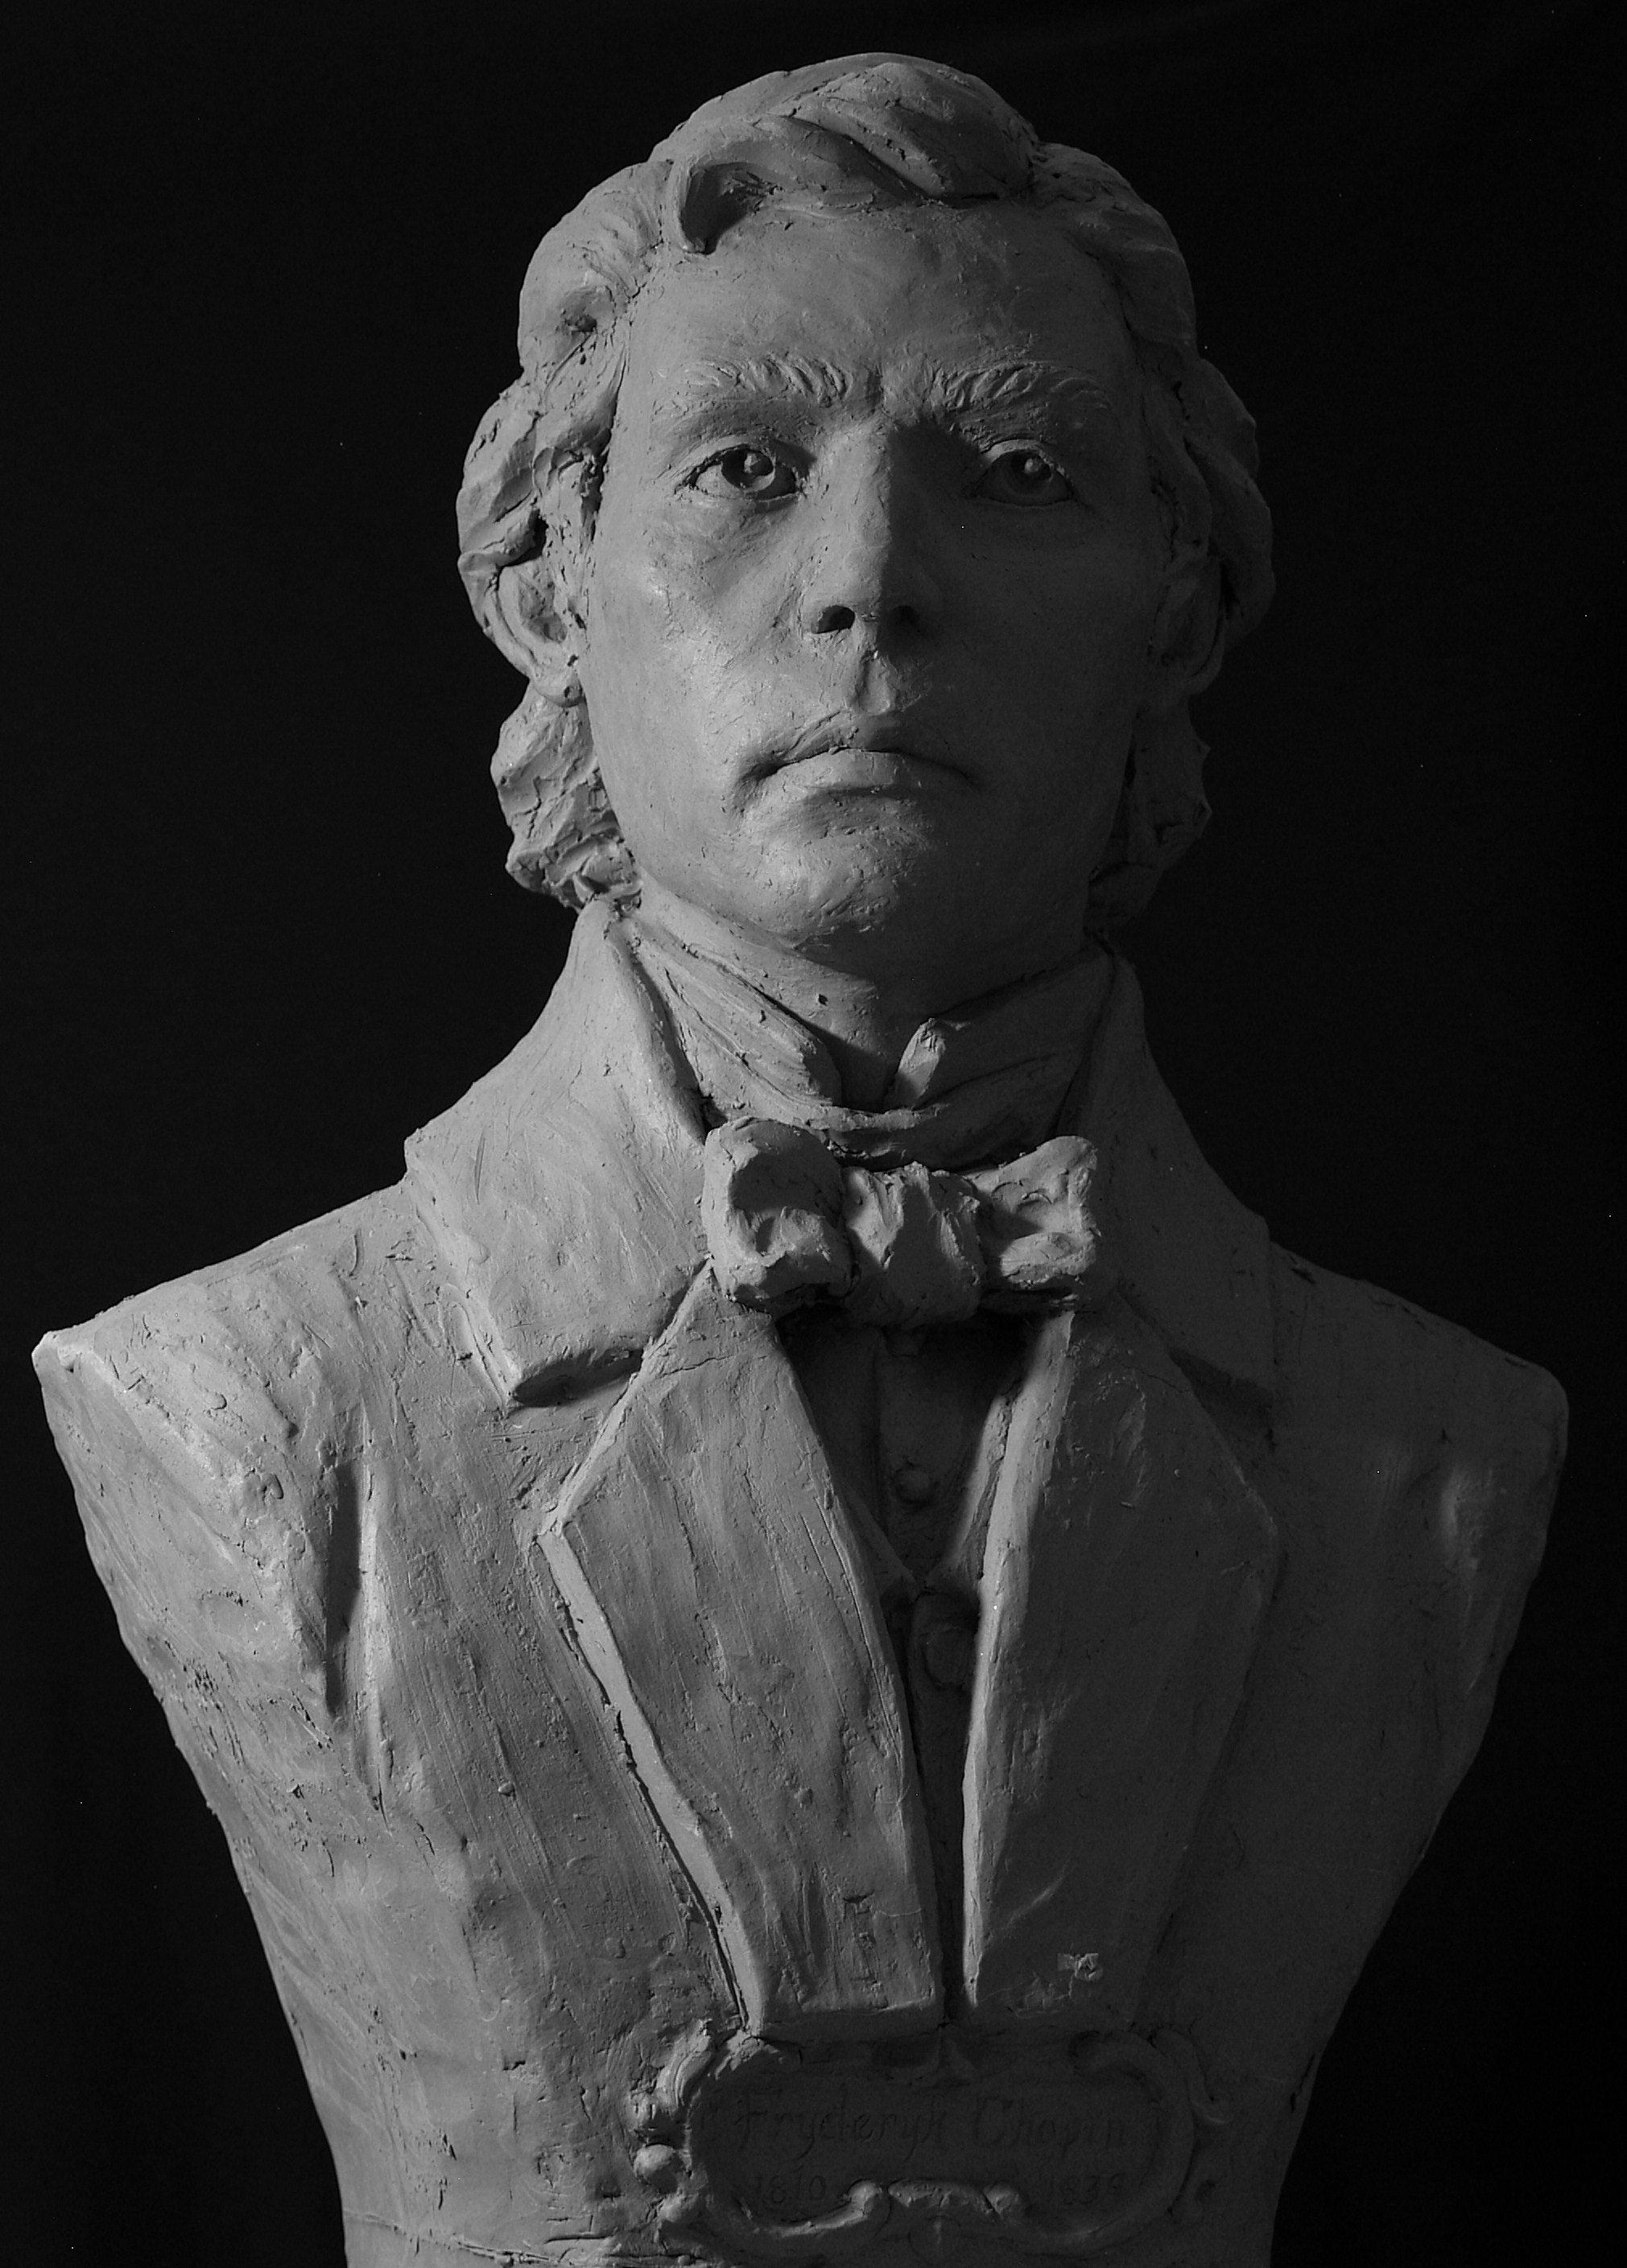 FrÉdÉric Chopin Biography